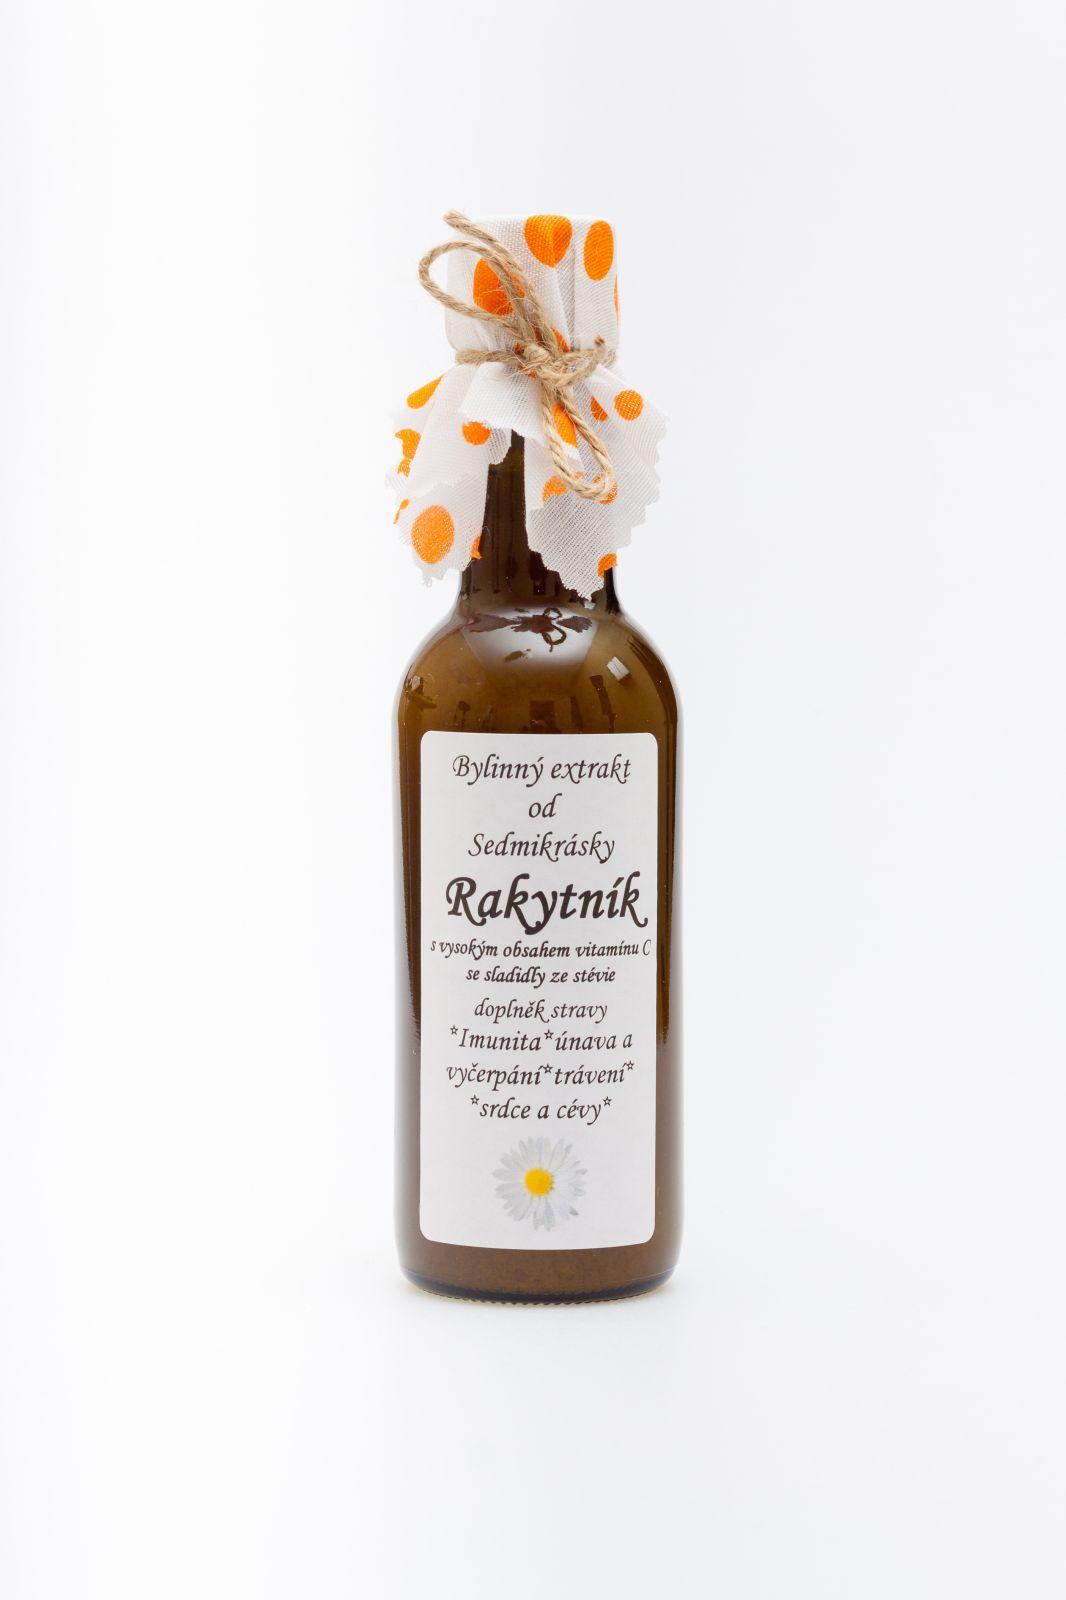 Sedmikráska bylinný extrakt Rakytník 250ml imunita, únava a vyčerpání, trávení, srdce a cévy doplněk stravy Rodinná farma Sedmikráska